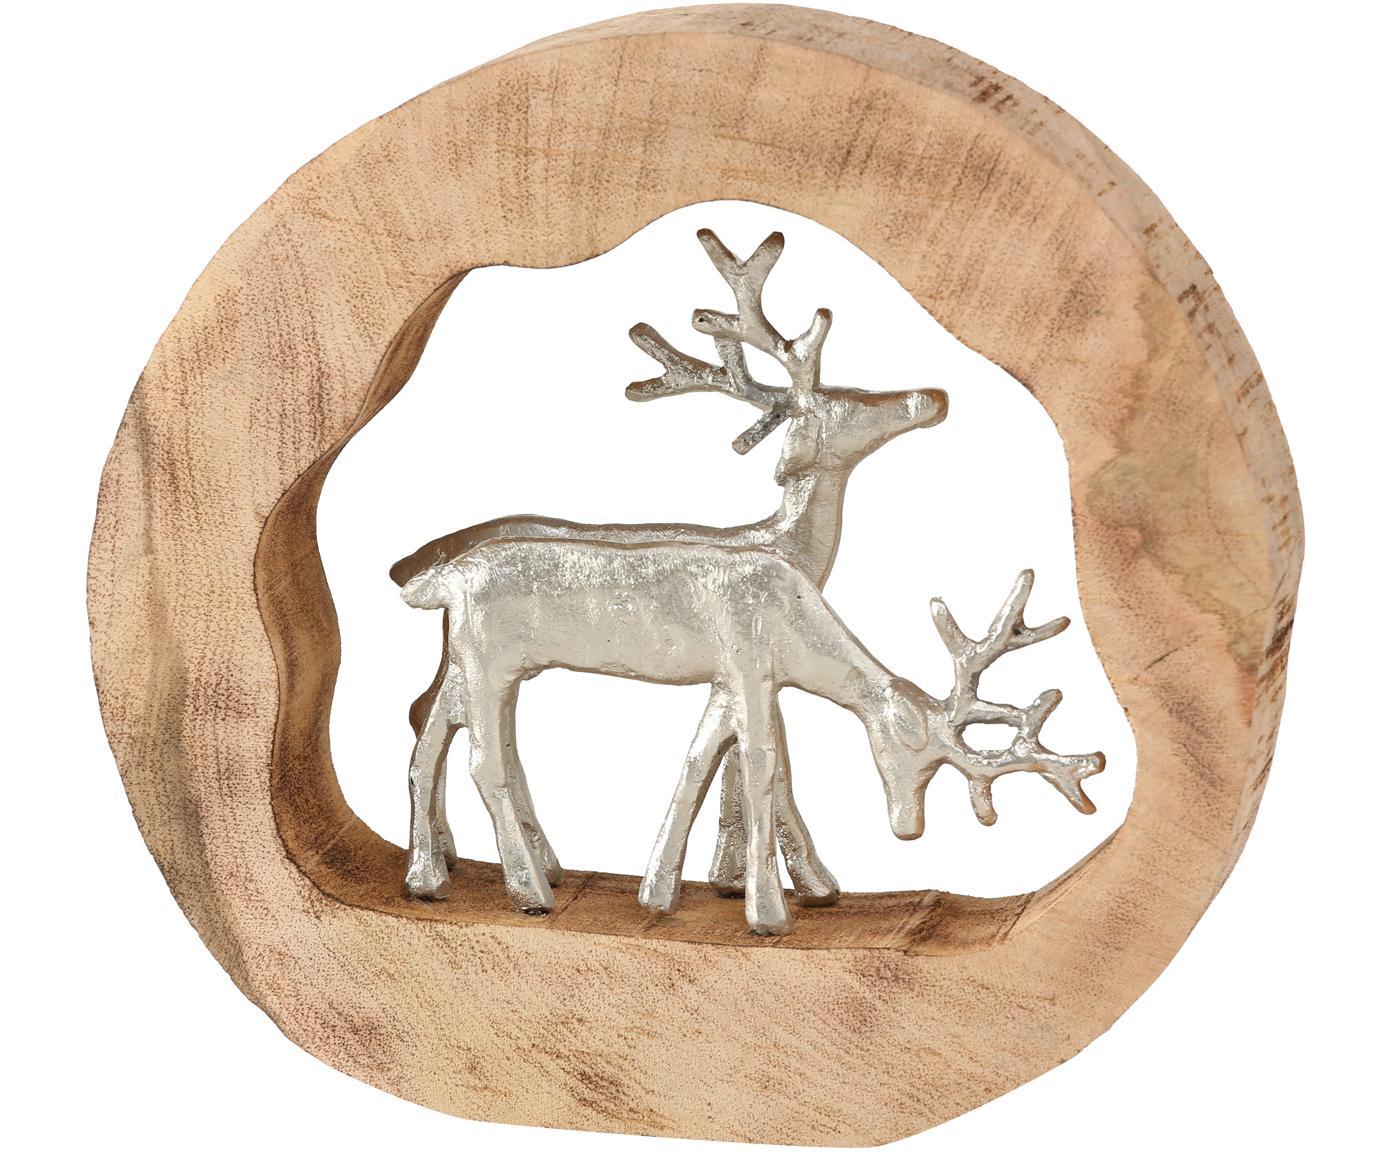 Decoratief object Elmar, Hout, gecoat aluminium, Houtkleurig, zilverkleurig, 27 x 28 cm